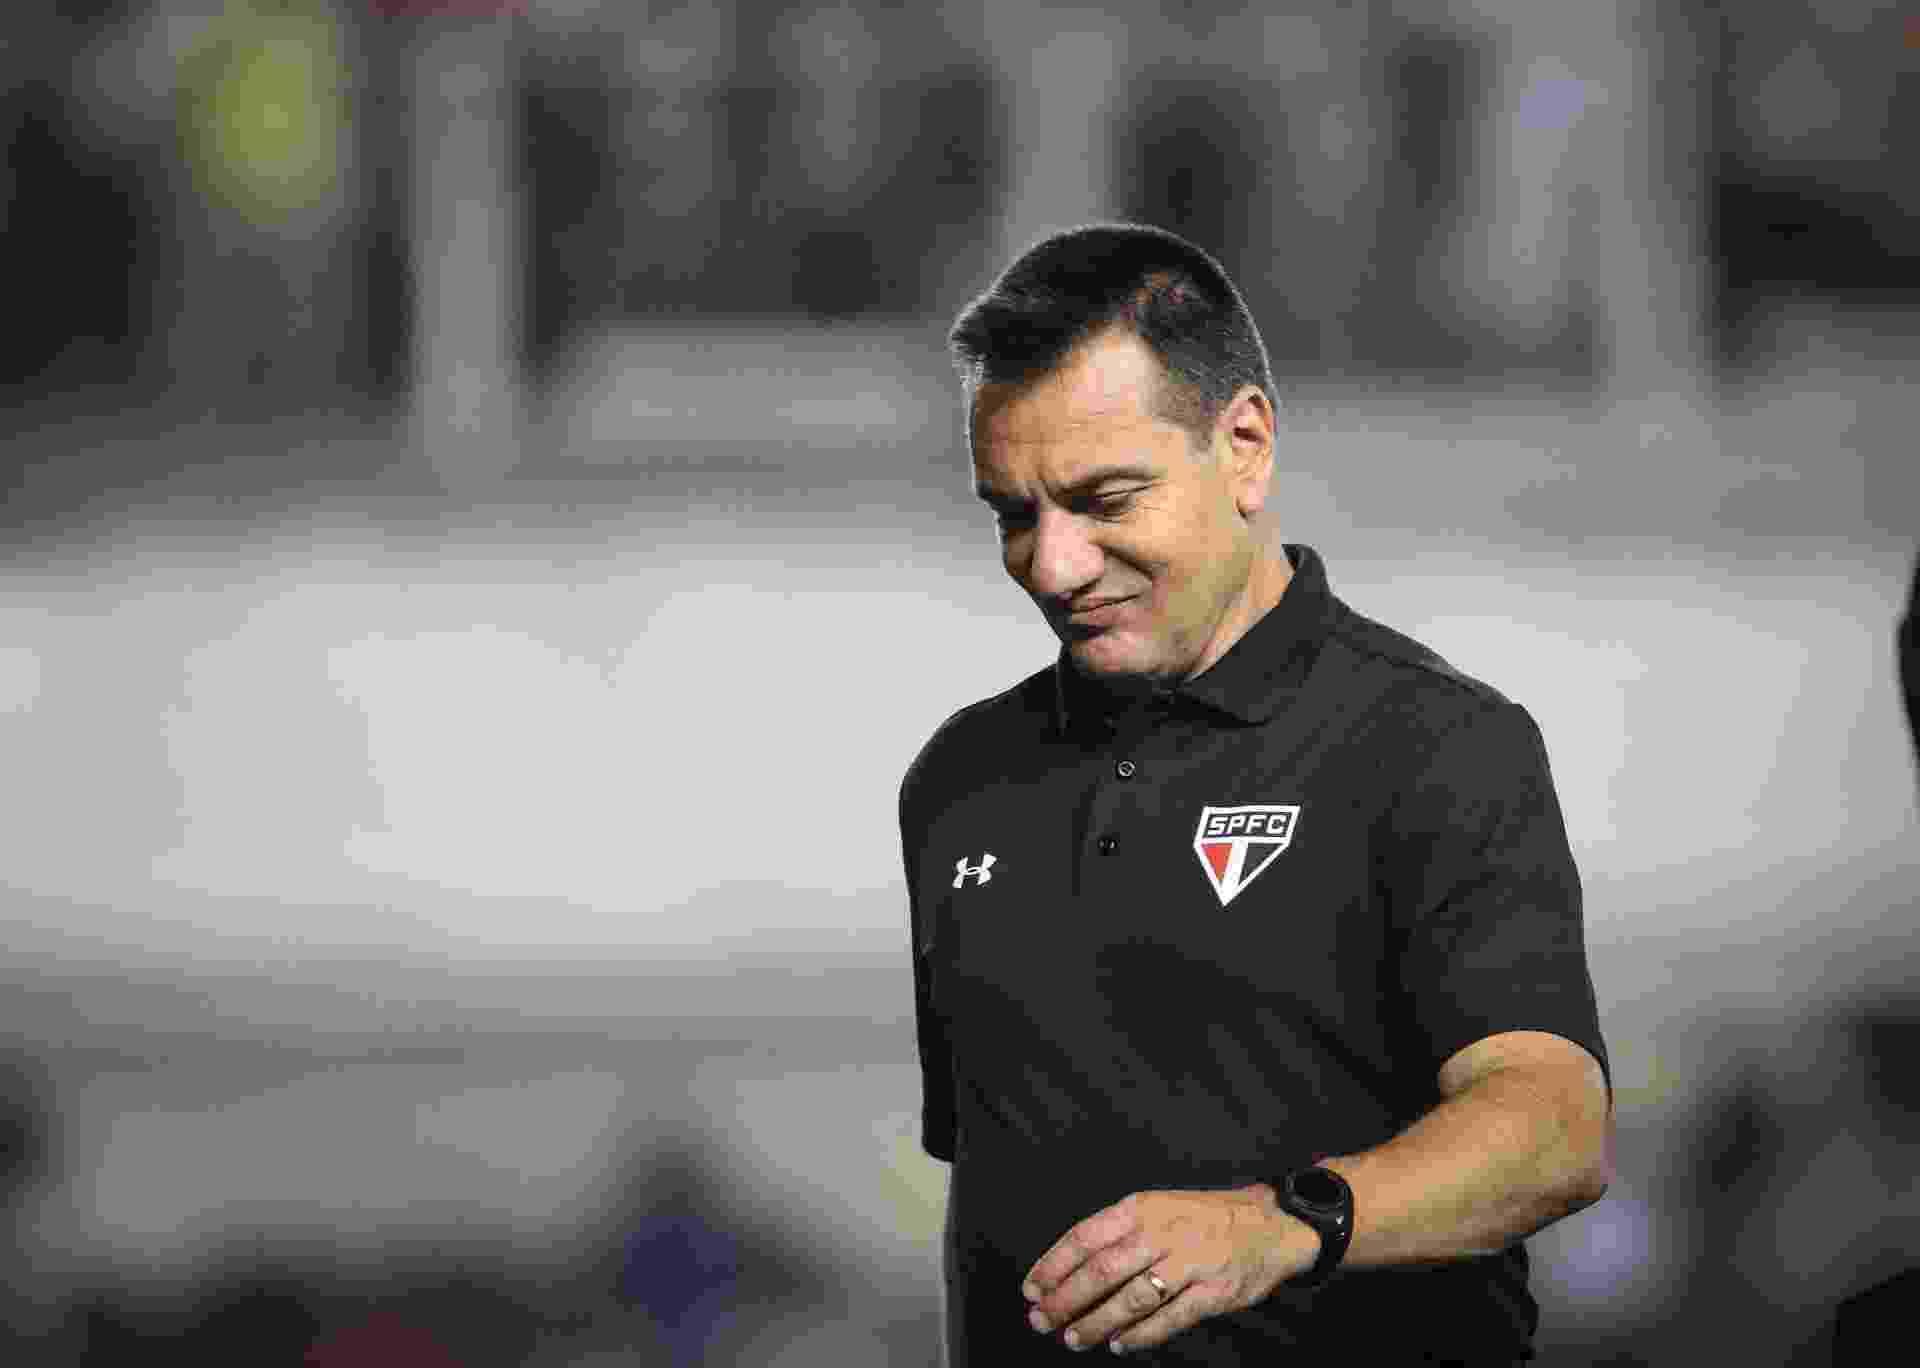 Doriva sai insatisfeito com o desempenho do São Paulo diante do Santos na primeira etapa no confronto válido pela Copa do Brasil - Ricardo Nogueira/Folhapress